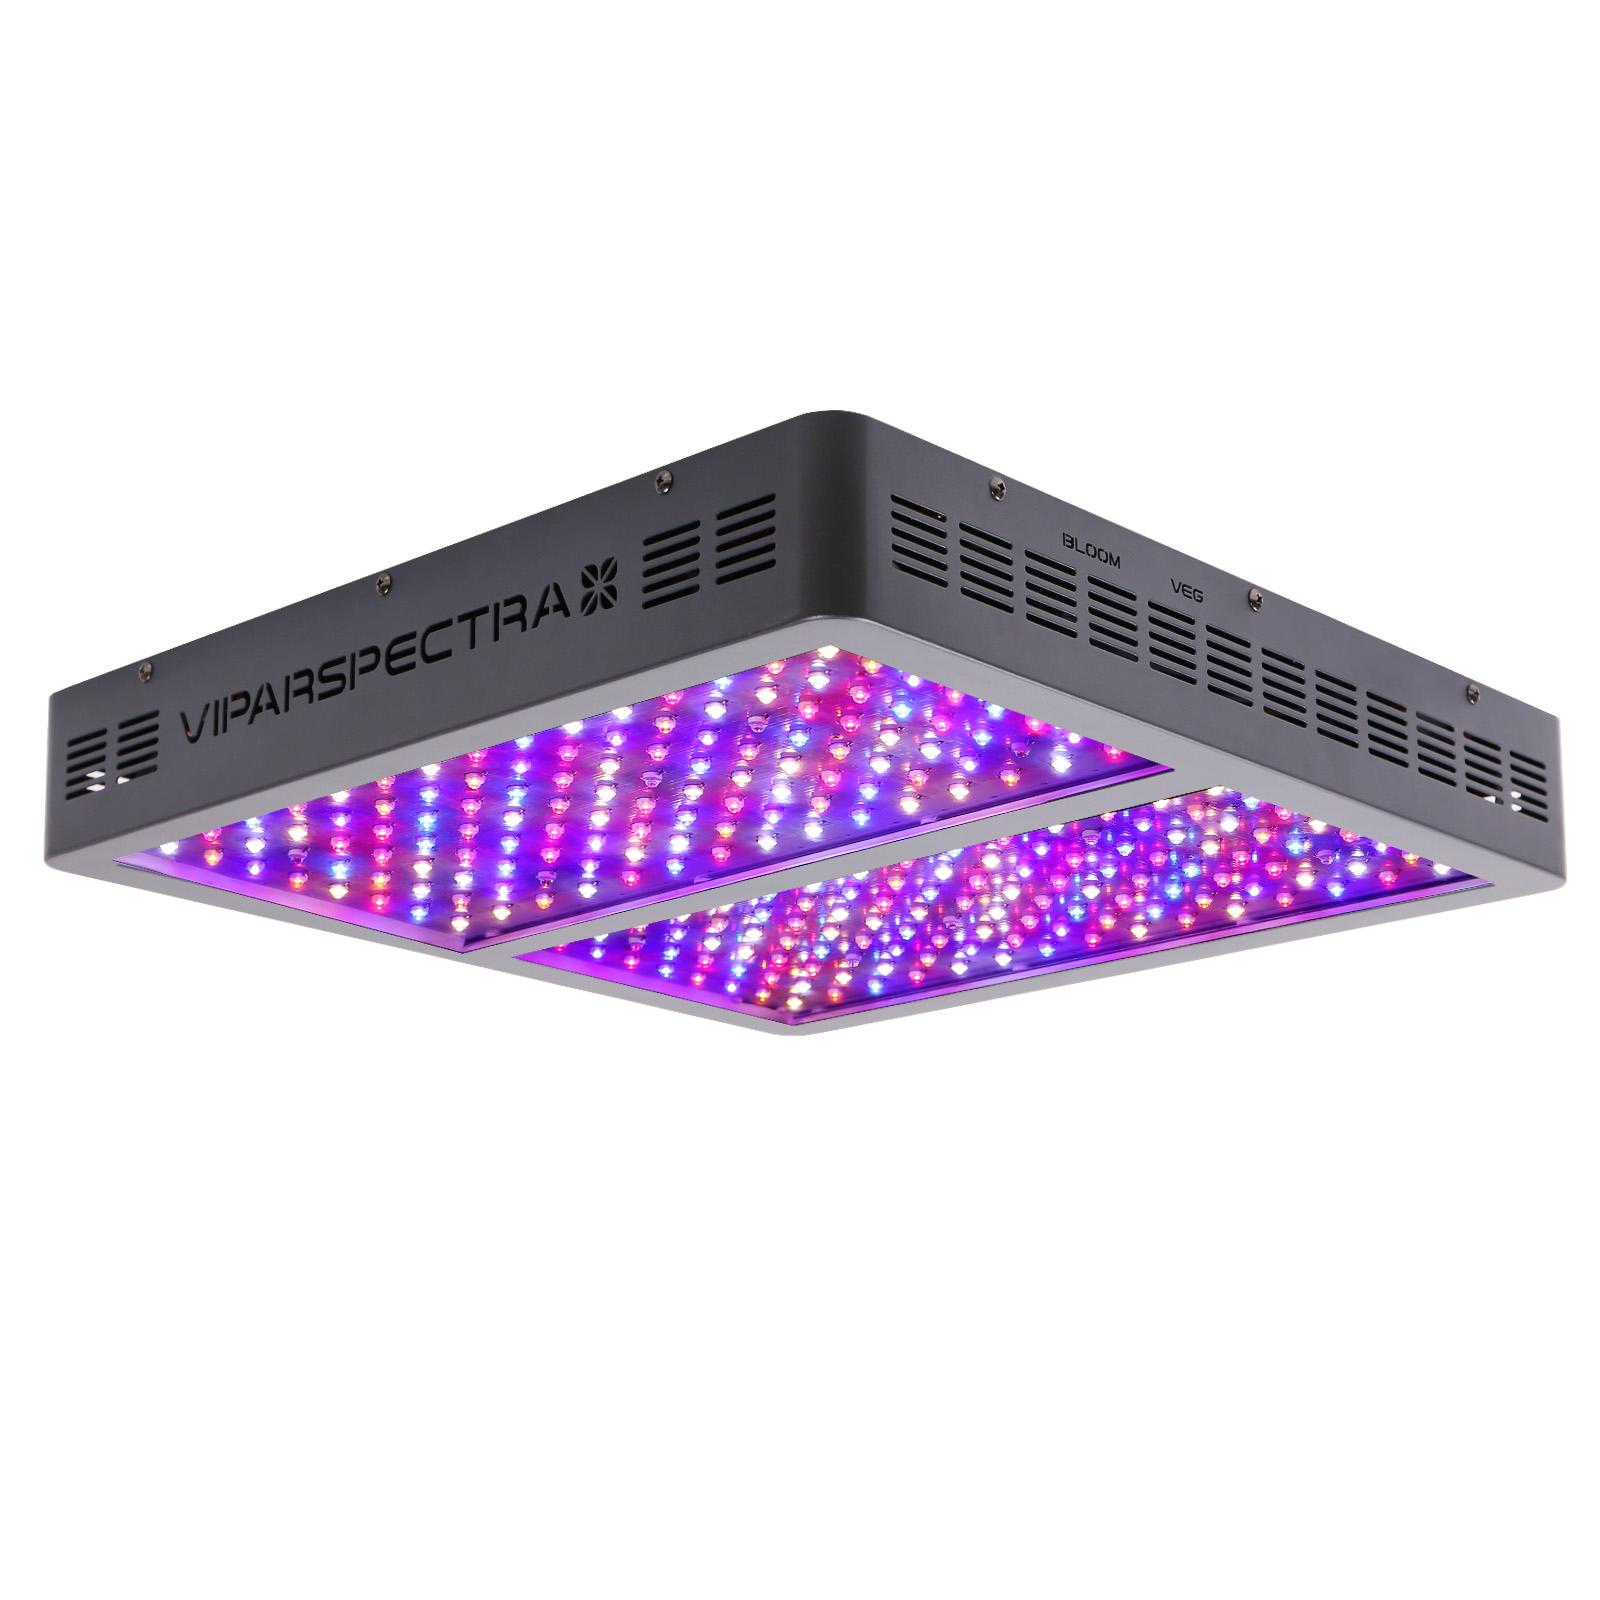 Viparspectra 300w 450w 600w 900w 1200w Led Grow Light Full